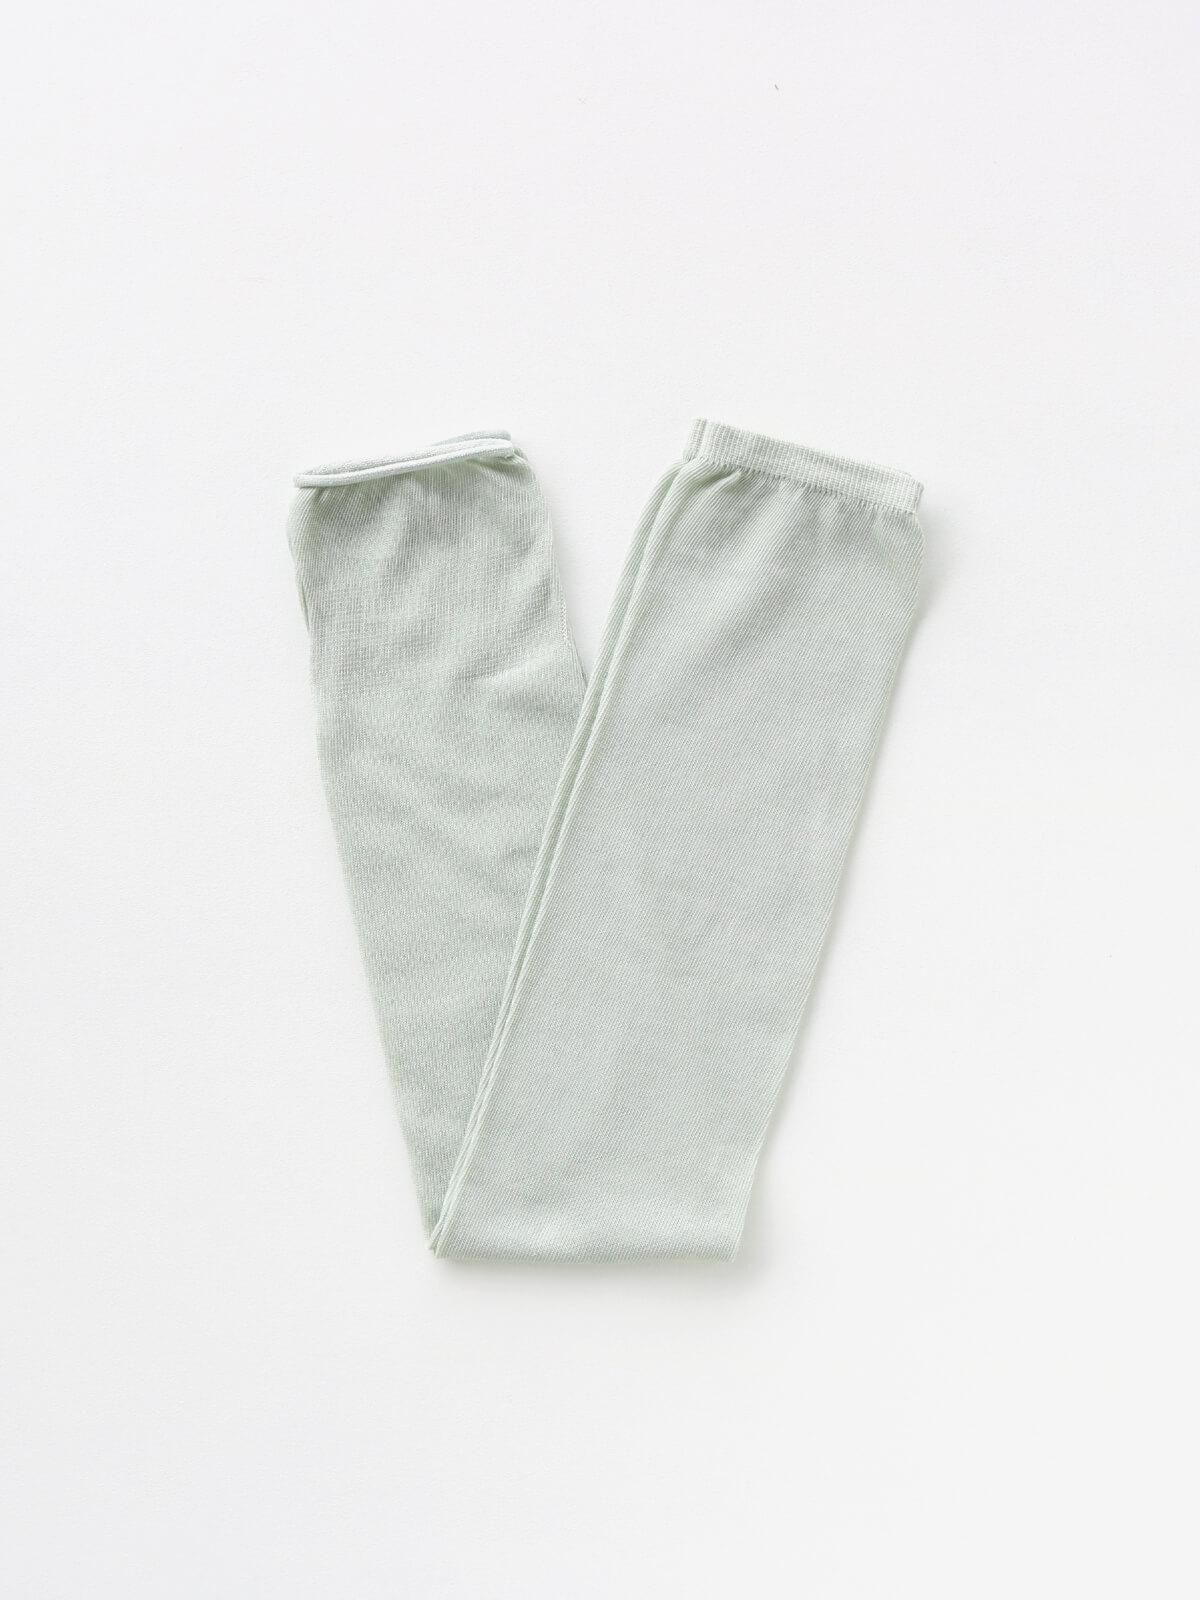 当たりつきギフト専用靴下のLUCKY SOCKS(ラッキーソックス)のSunscreen Plain Armcover(サンスクリーンプレーンアームカバー)のペールミント_2